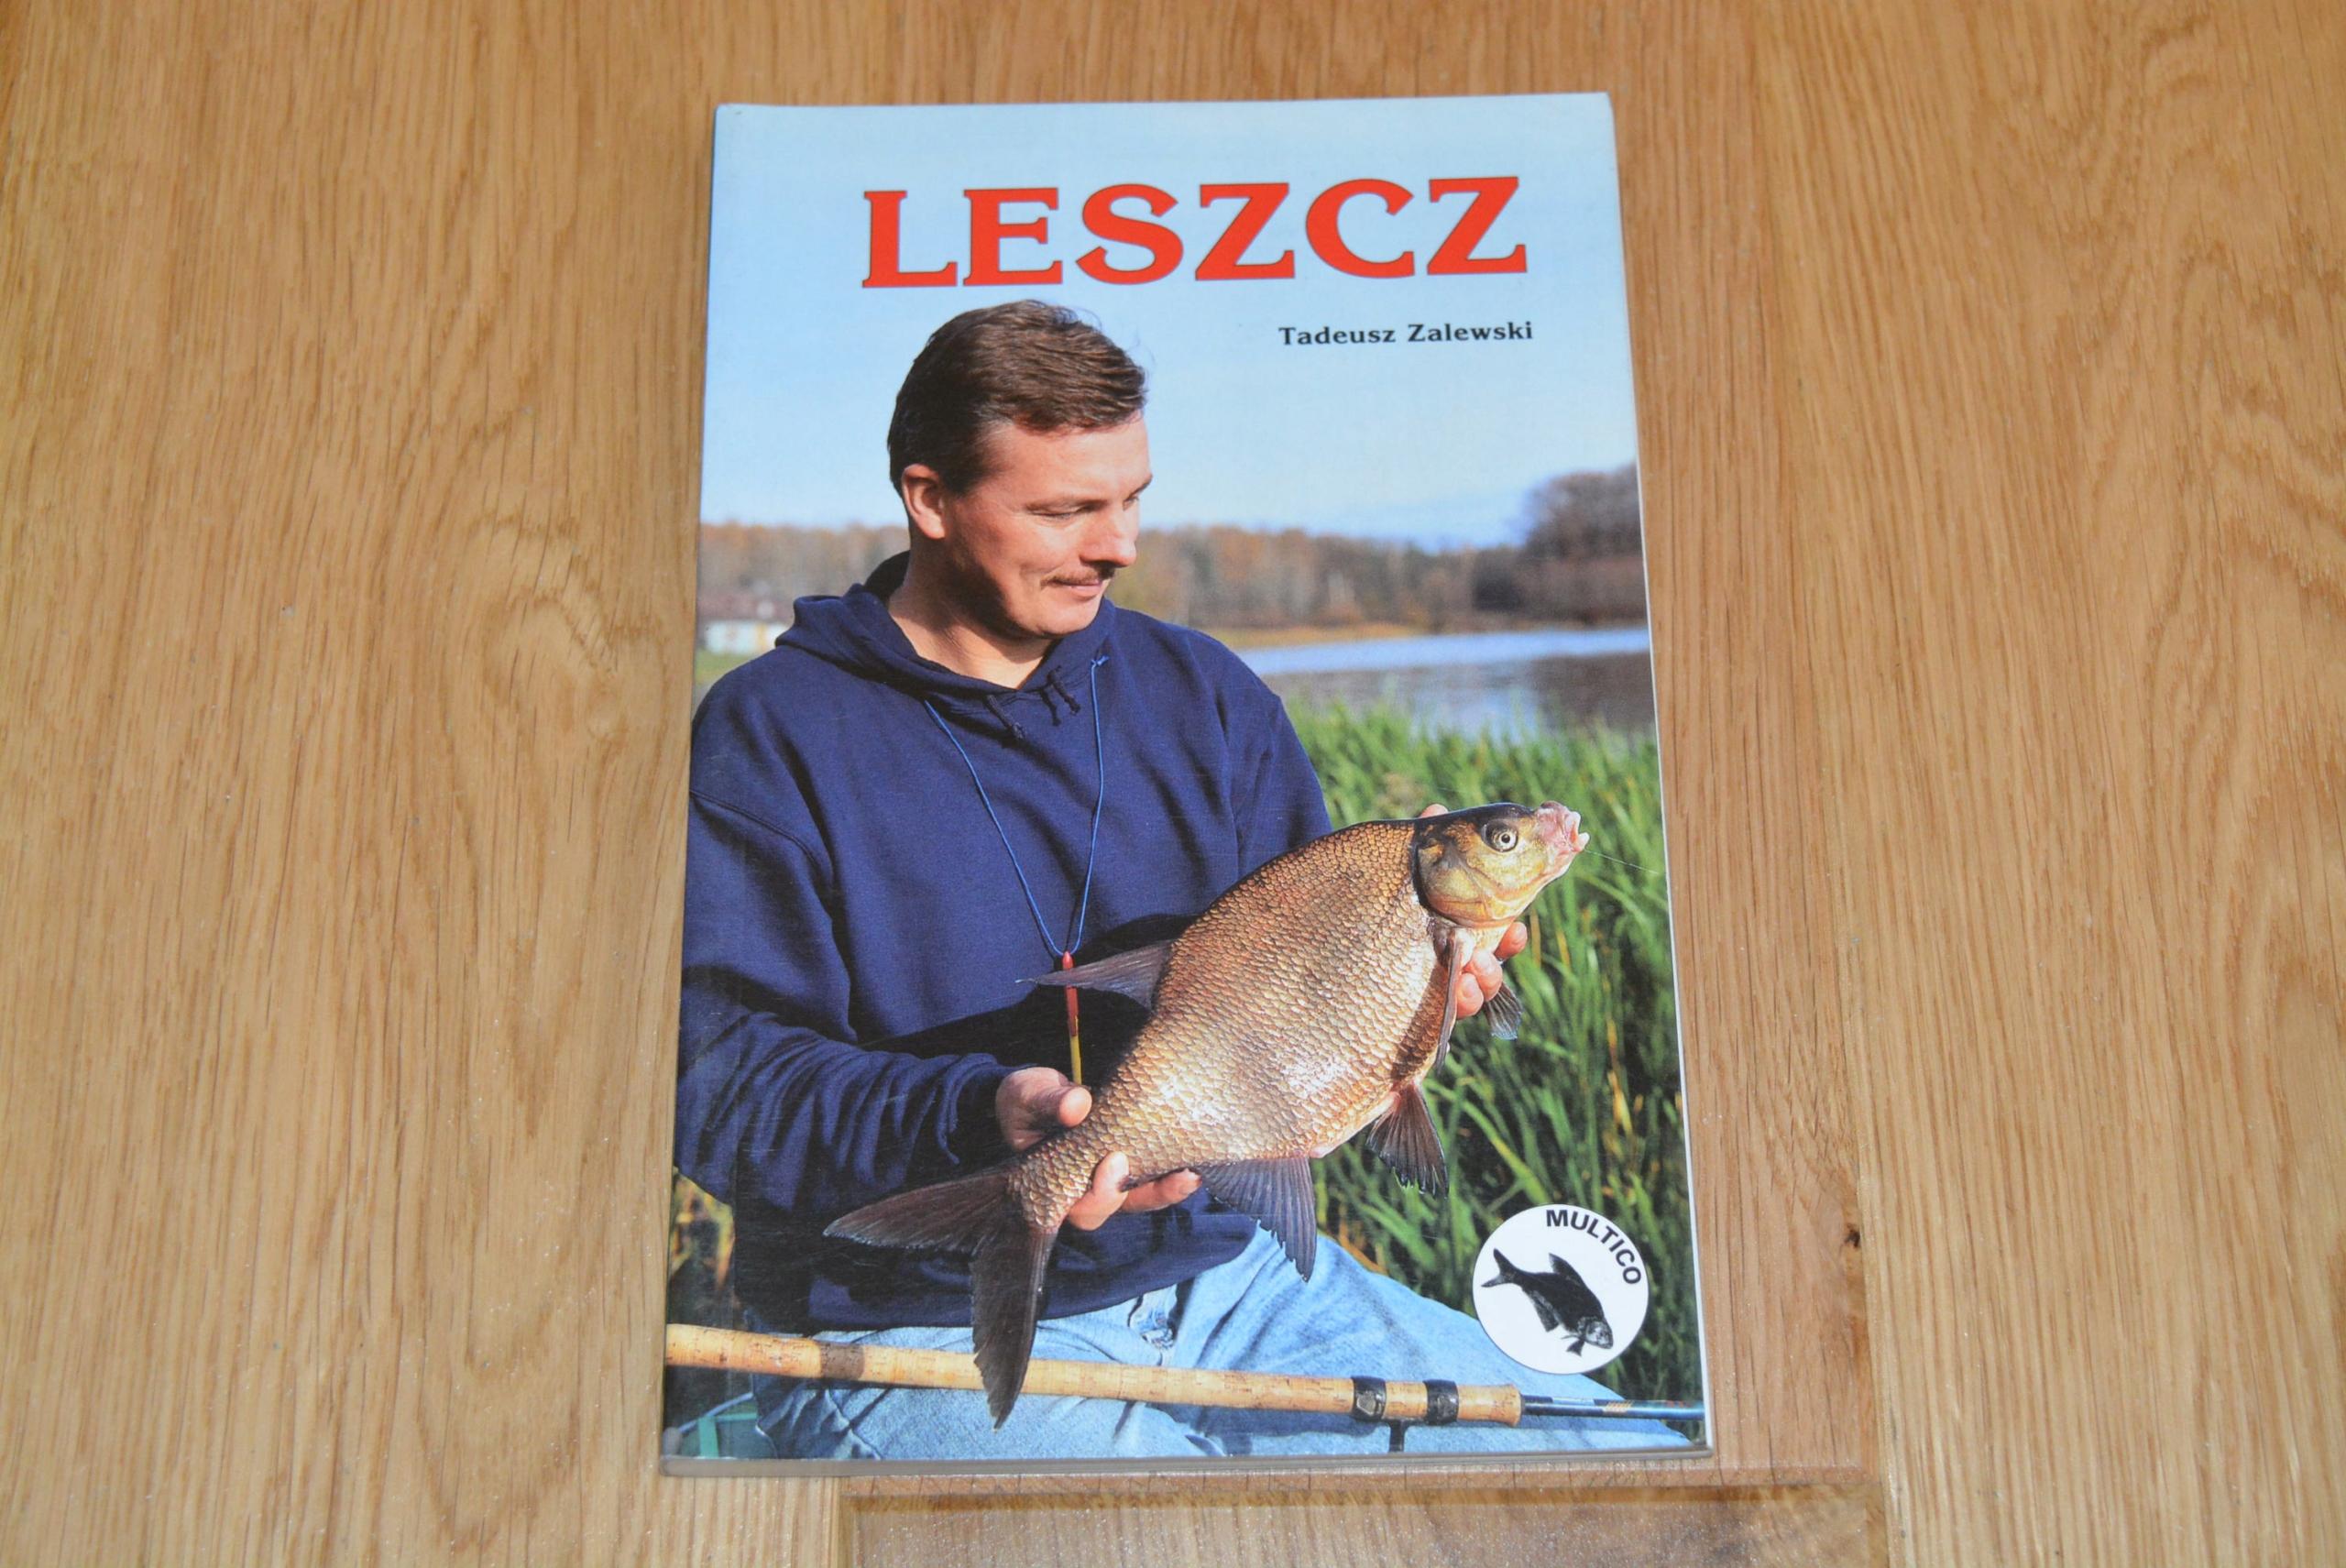 Leszcz - Tadeusz Zalewski Multico (monografie ryb)